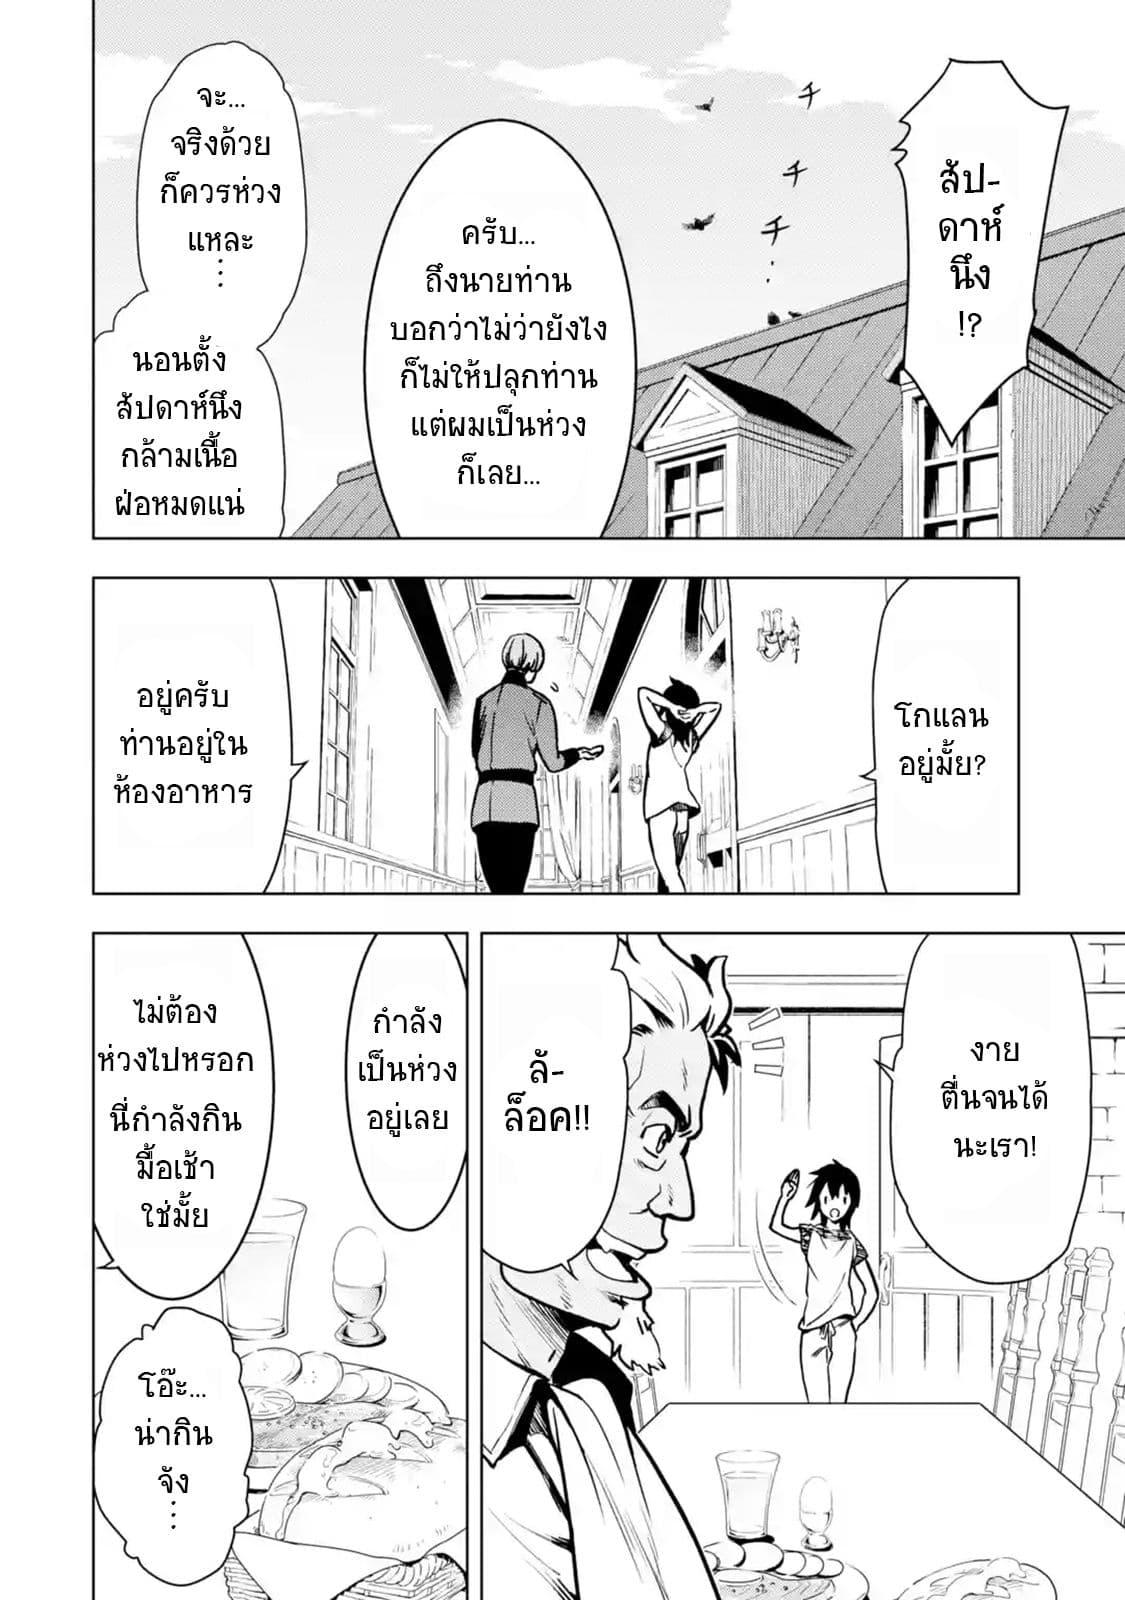 อ่านการ์ตูน Koko wa Ore ni Makasete Saki ni Ike to Itte kara 10 Nen ga Tattara Densetsu ni Natteita ตอนที่ 2 หน้าที่ 5